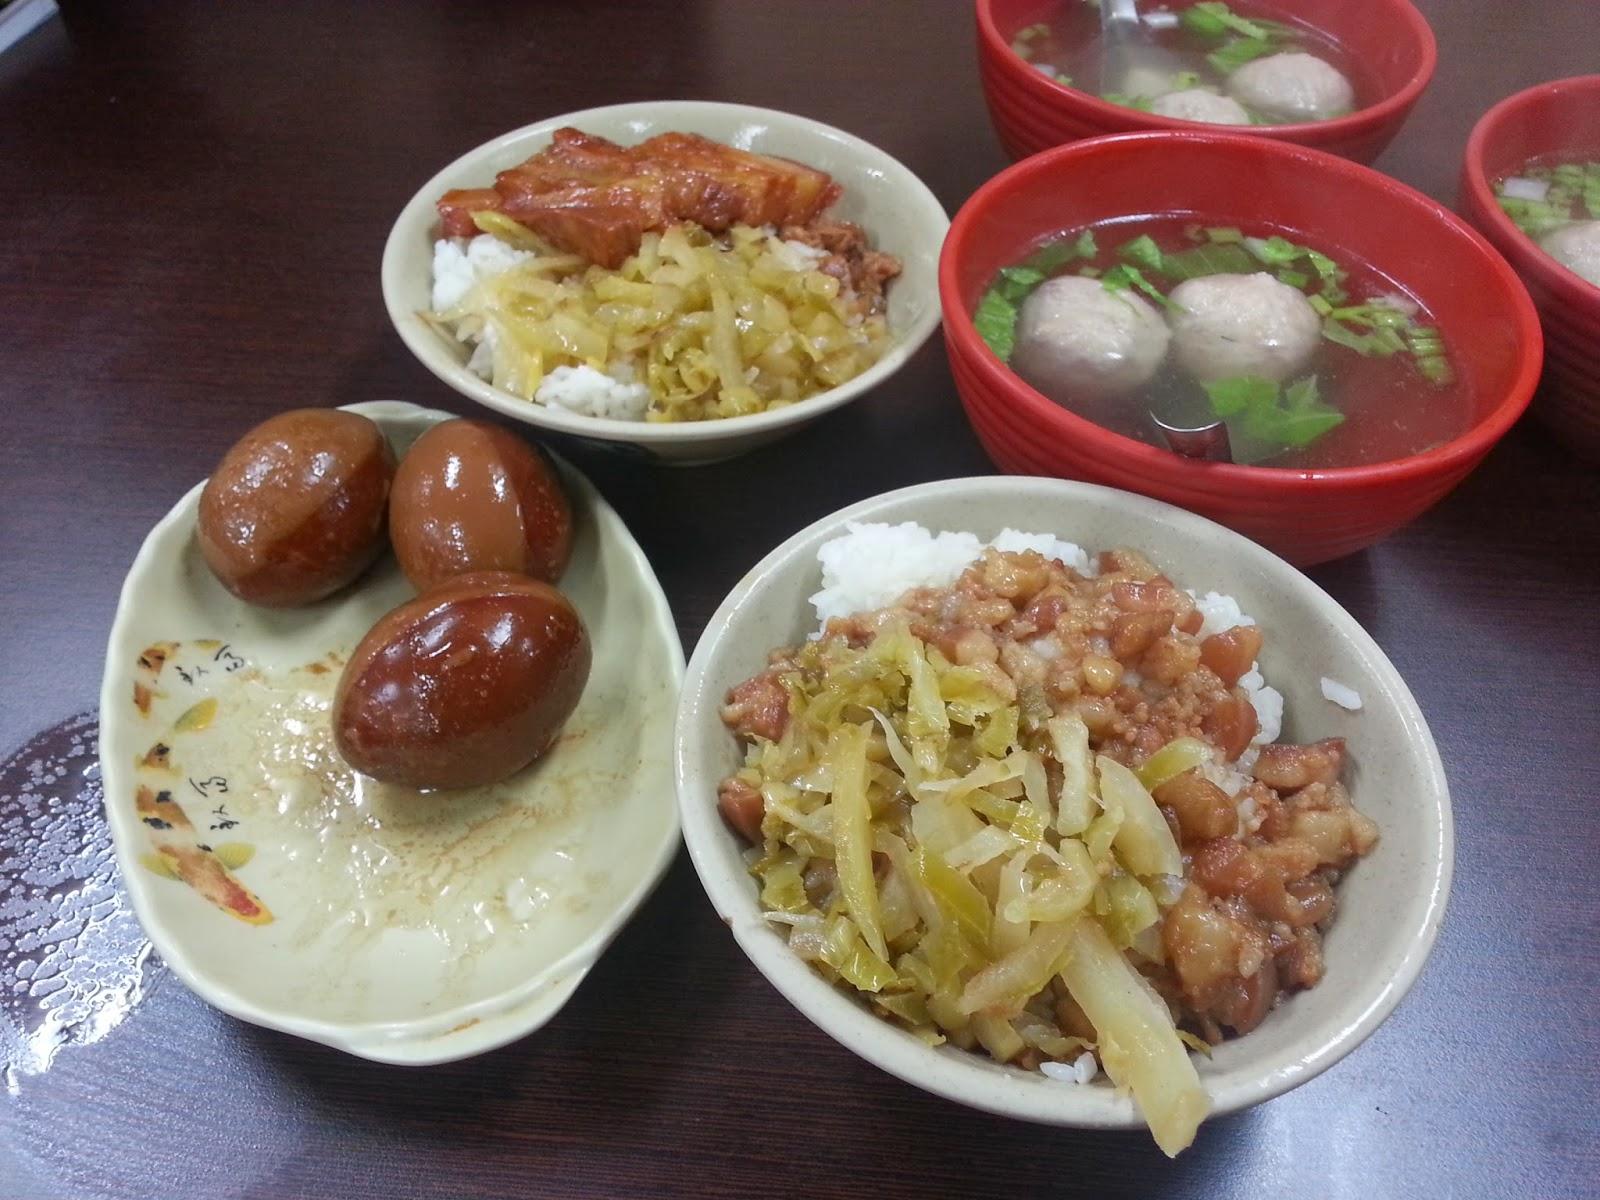 高雄 [食] 南豐魯肉飯 - 平價臺灣南部魯肉飯 | 迷失在地圖上 | 旅遊嘆世界 - fanpiece